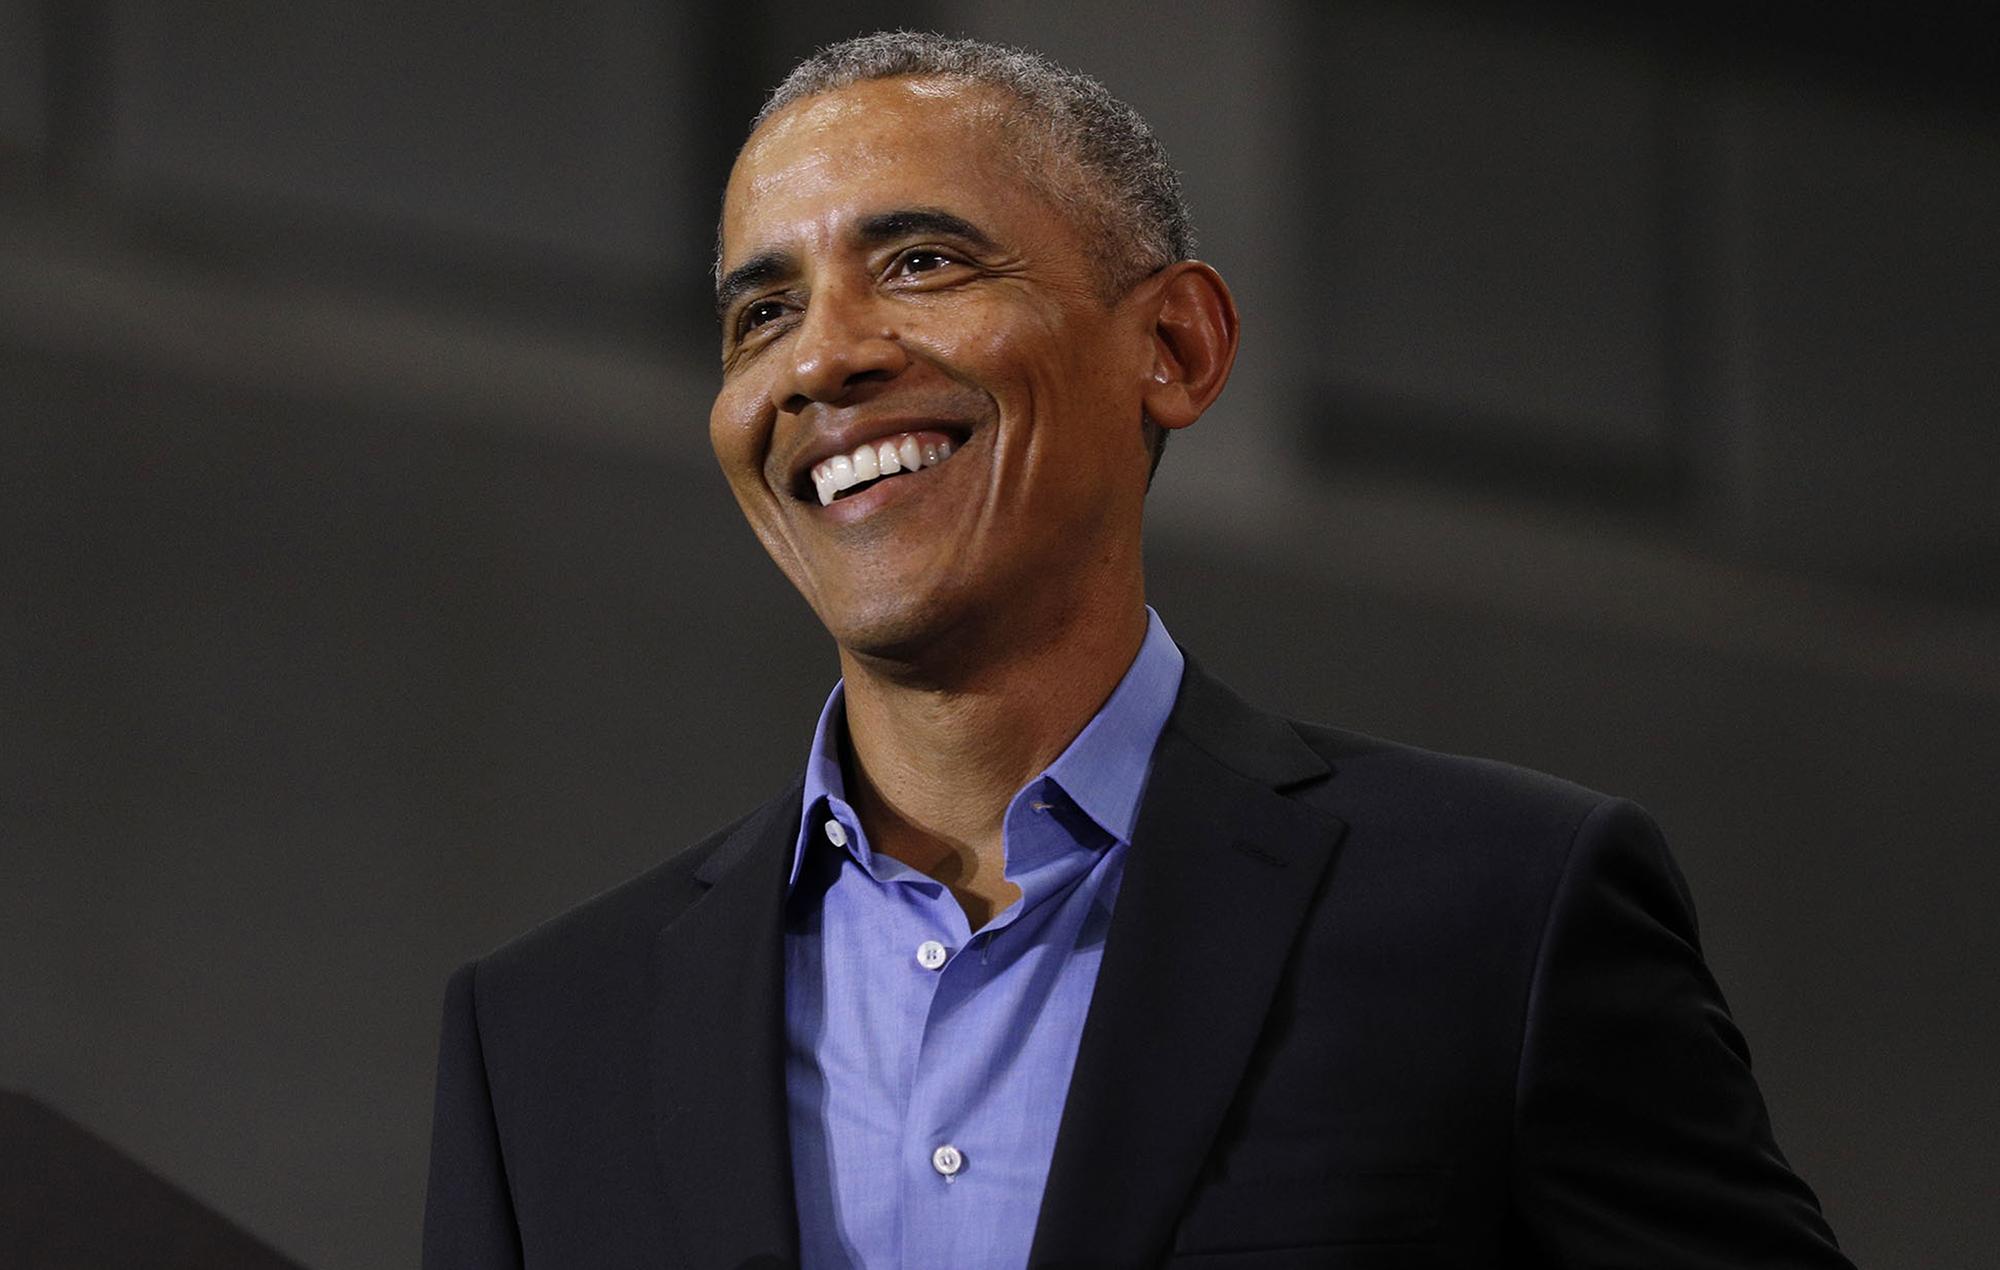 Barack Obama shares 44-track shower playlist